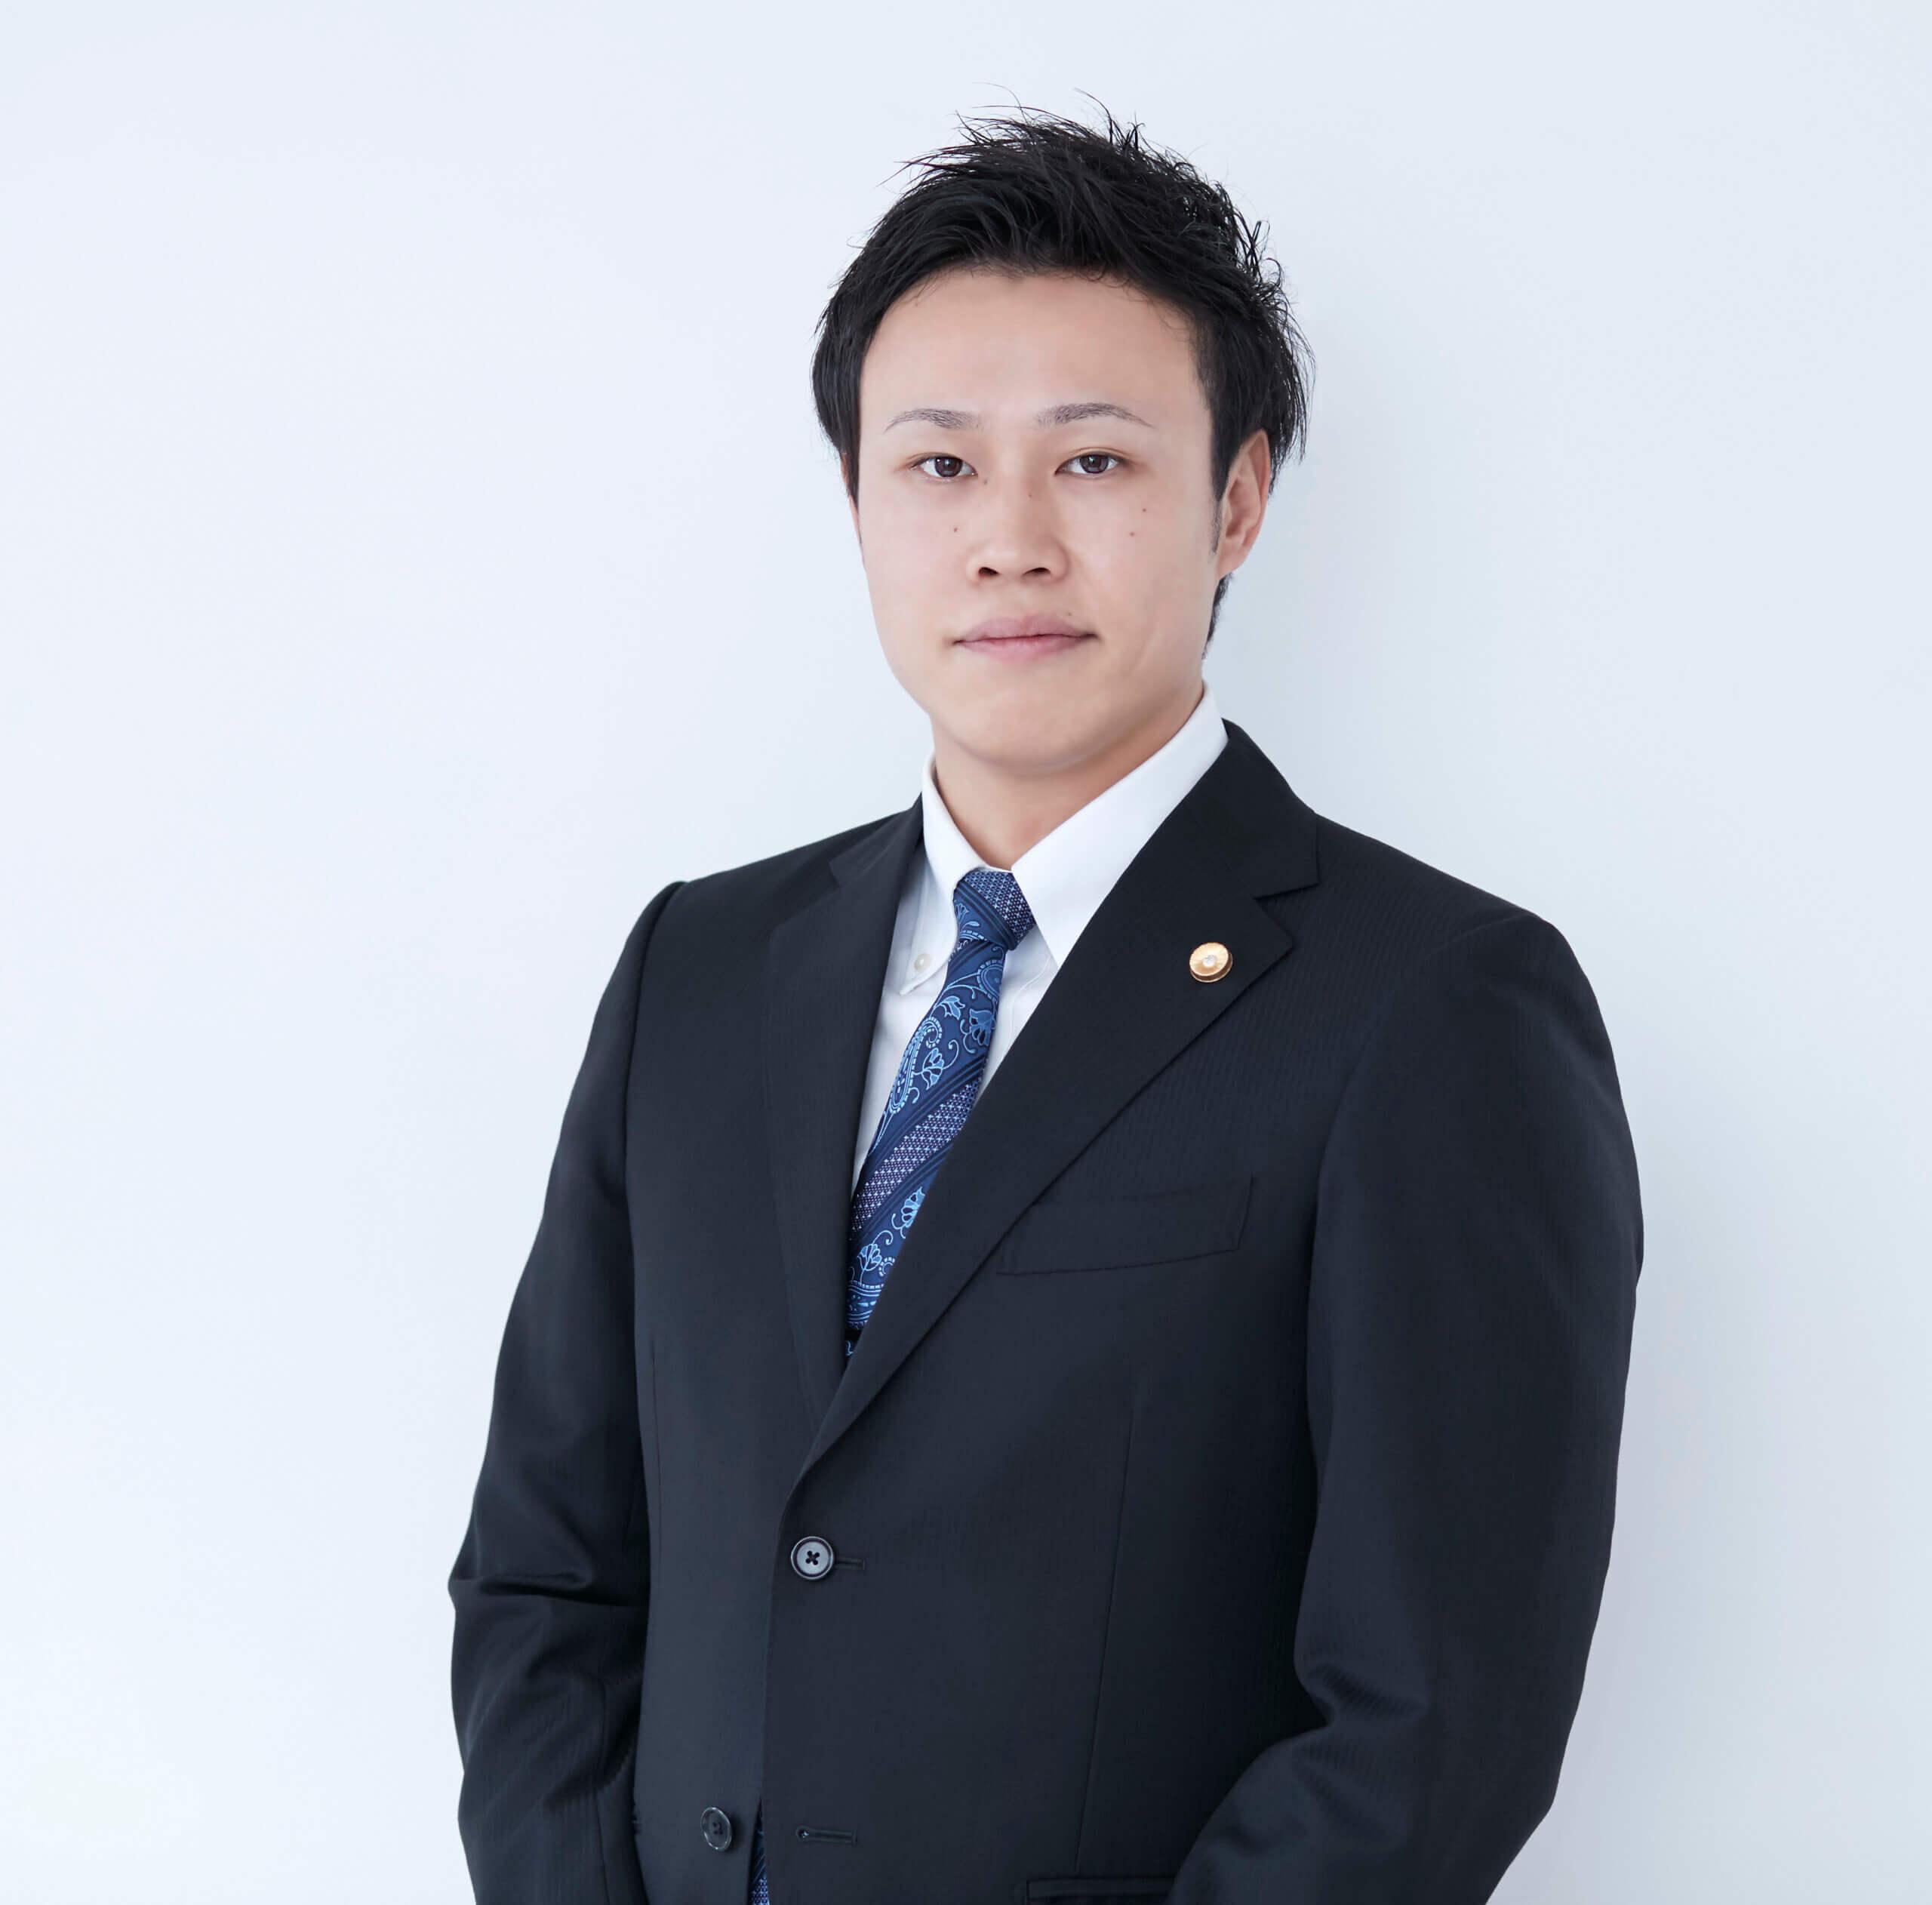 金子大介弁護士